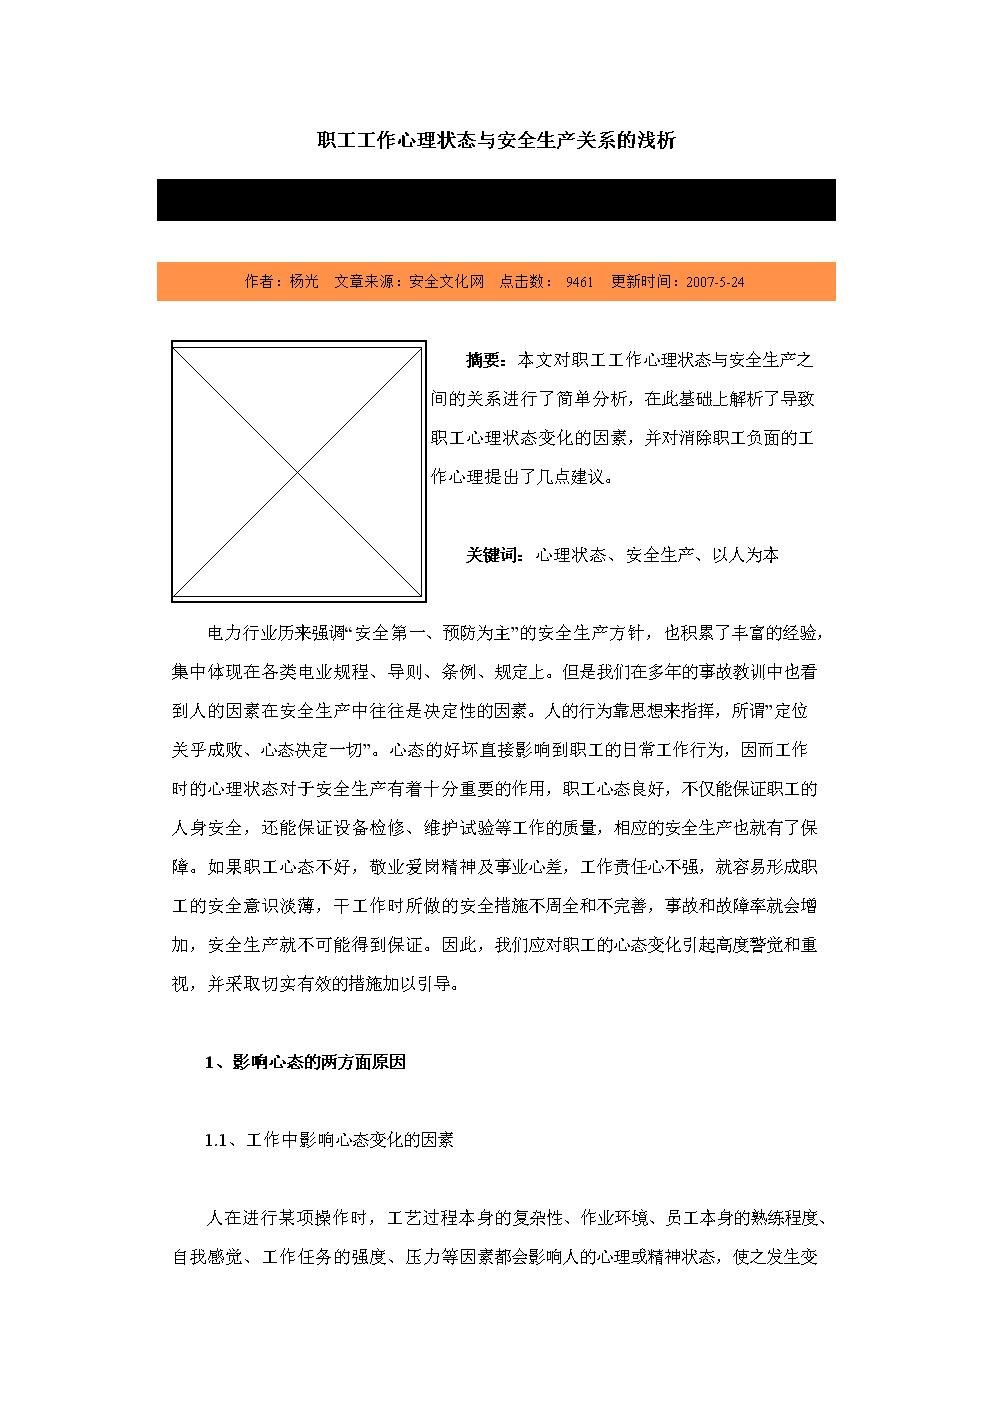 职工工作心理状态与安全生产关系浅析.doc